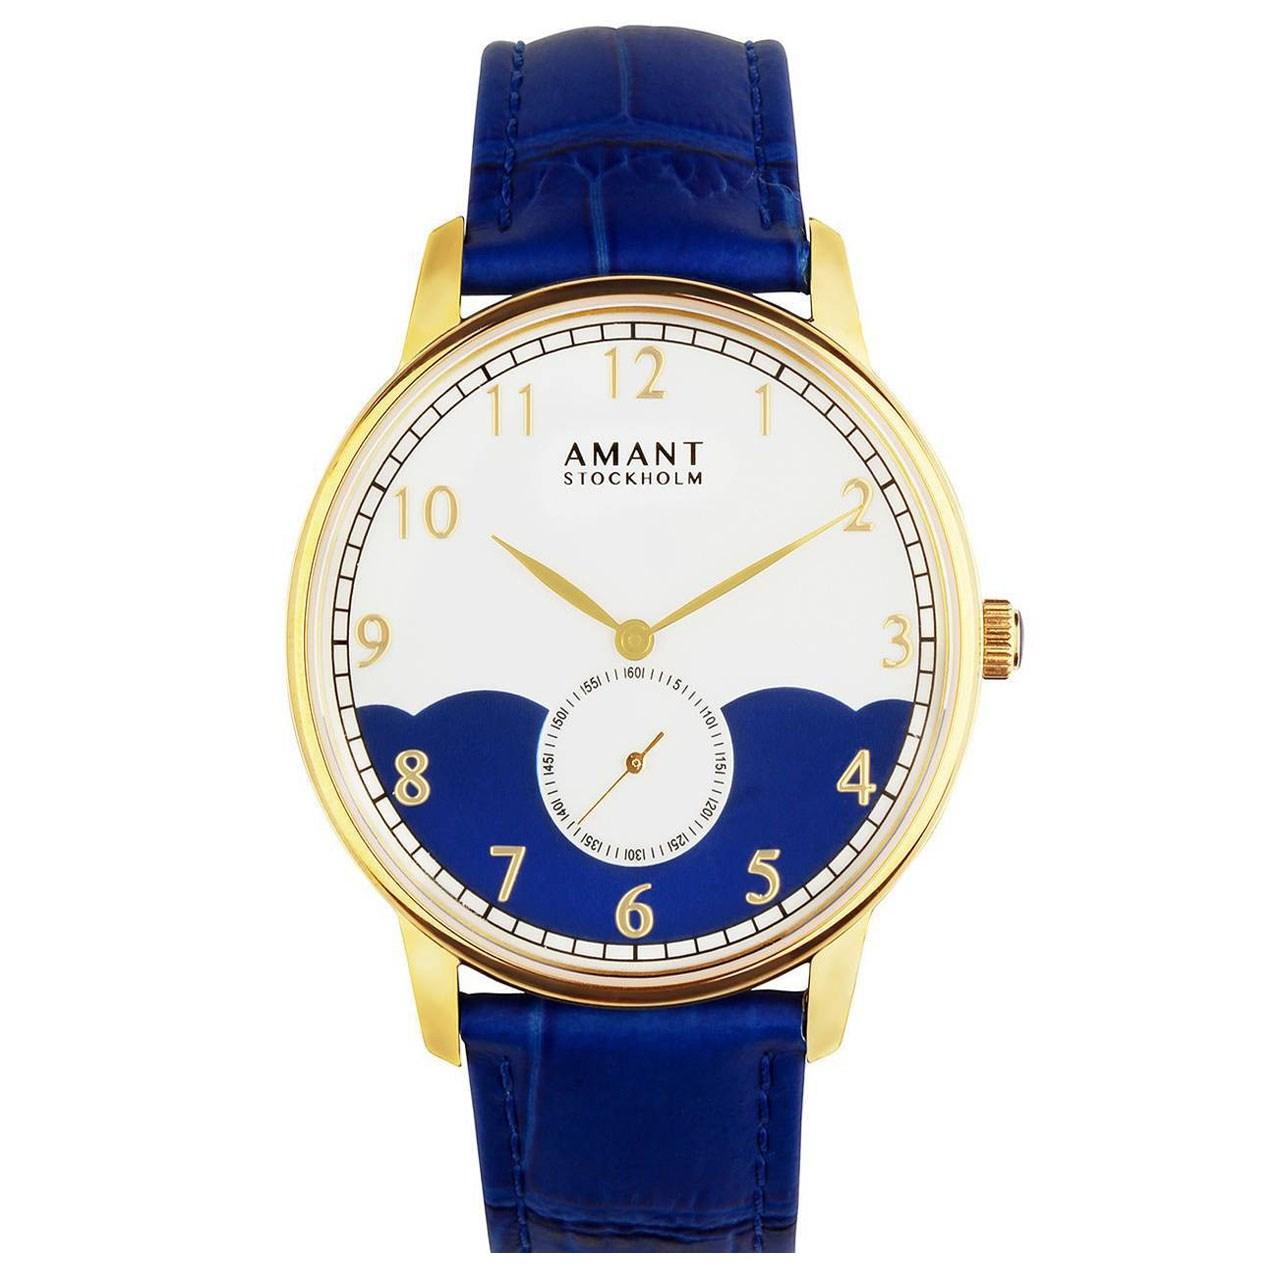 ساعت مچی عقربه ای مدل Amant Stockholm